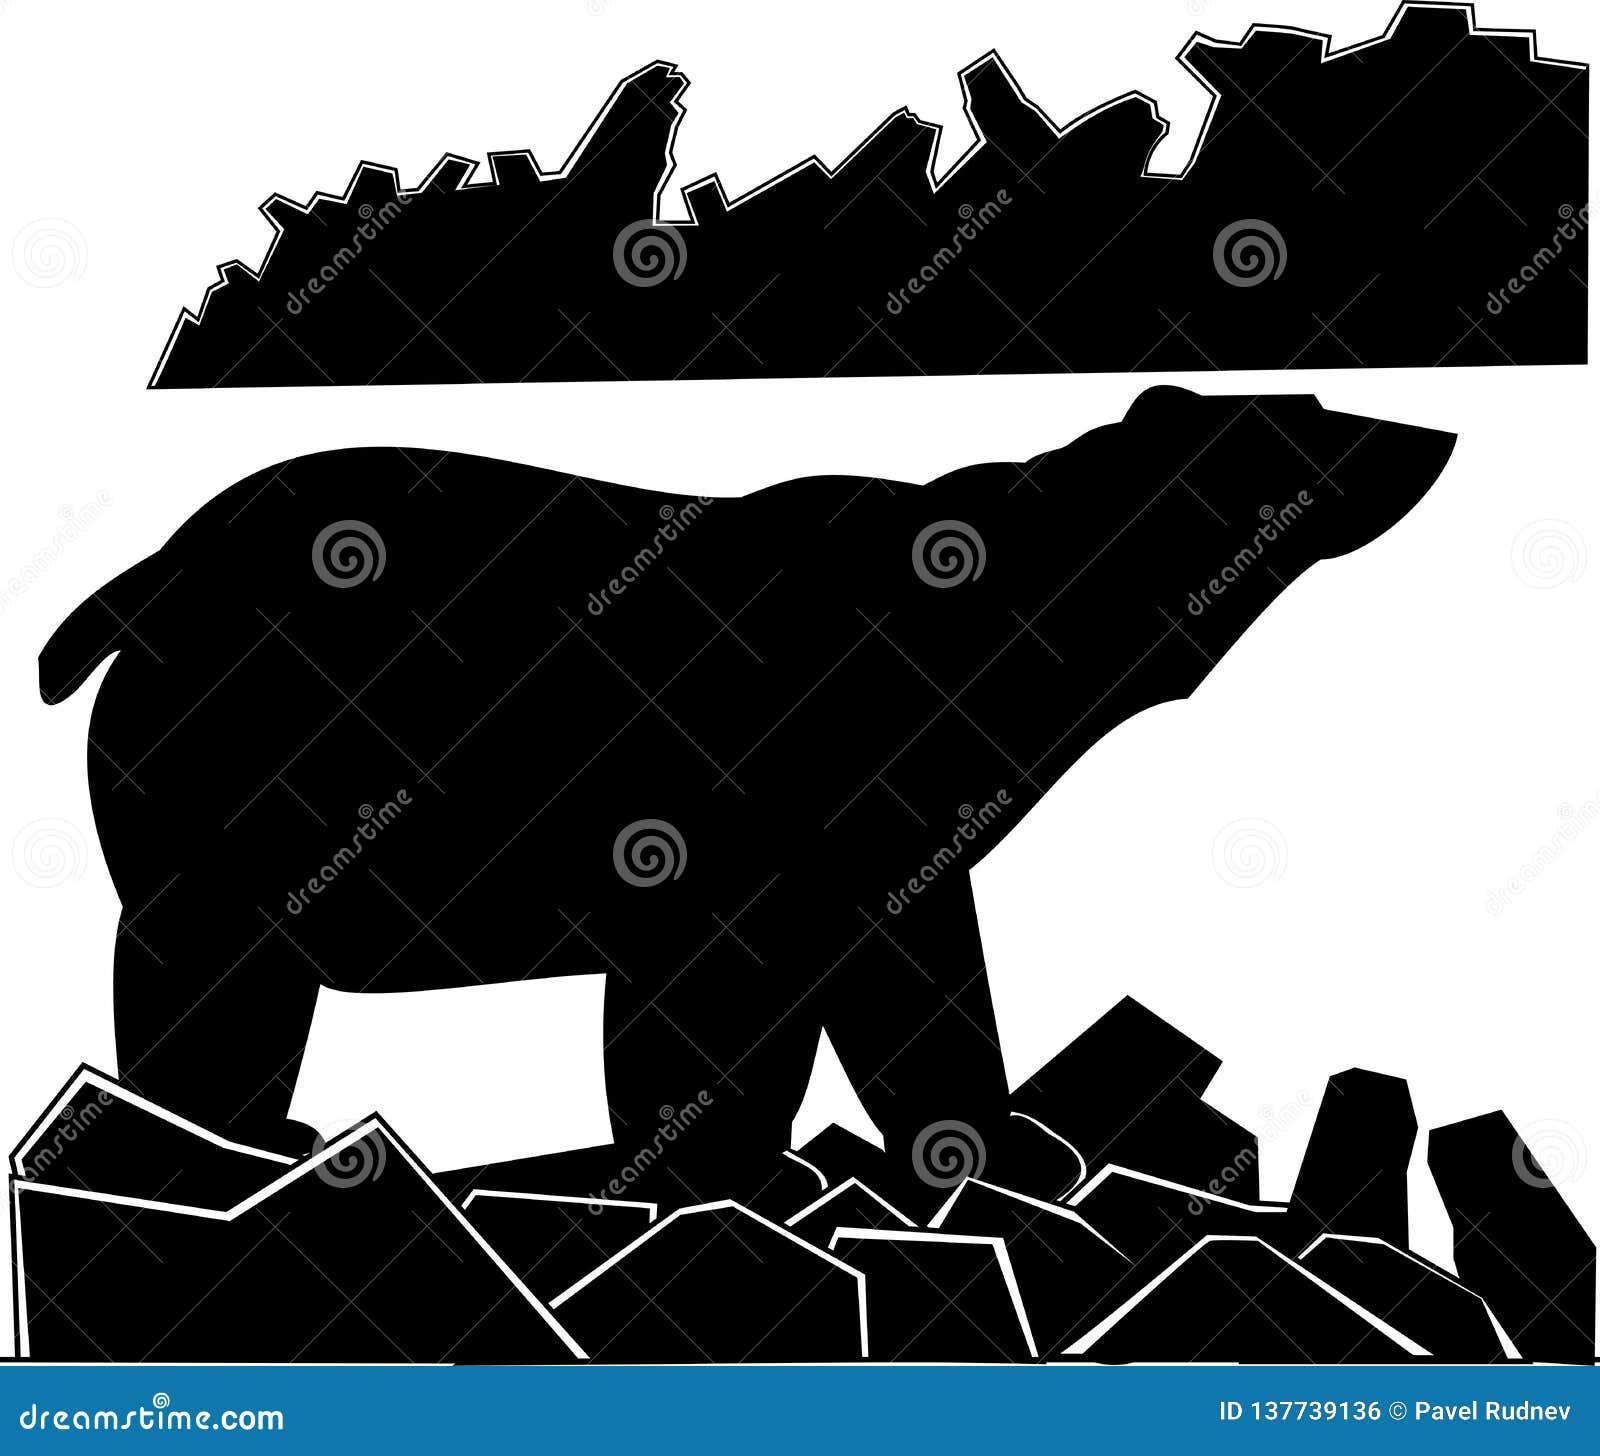 Полярный медведь черно-белого изображения вектора сиротливый на каменистом побережье